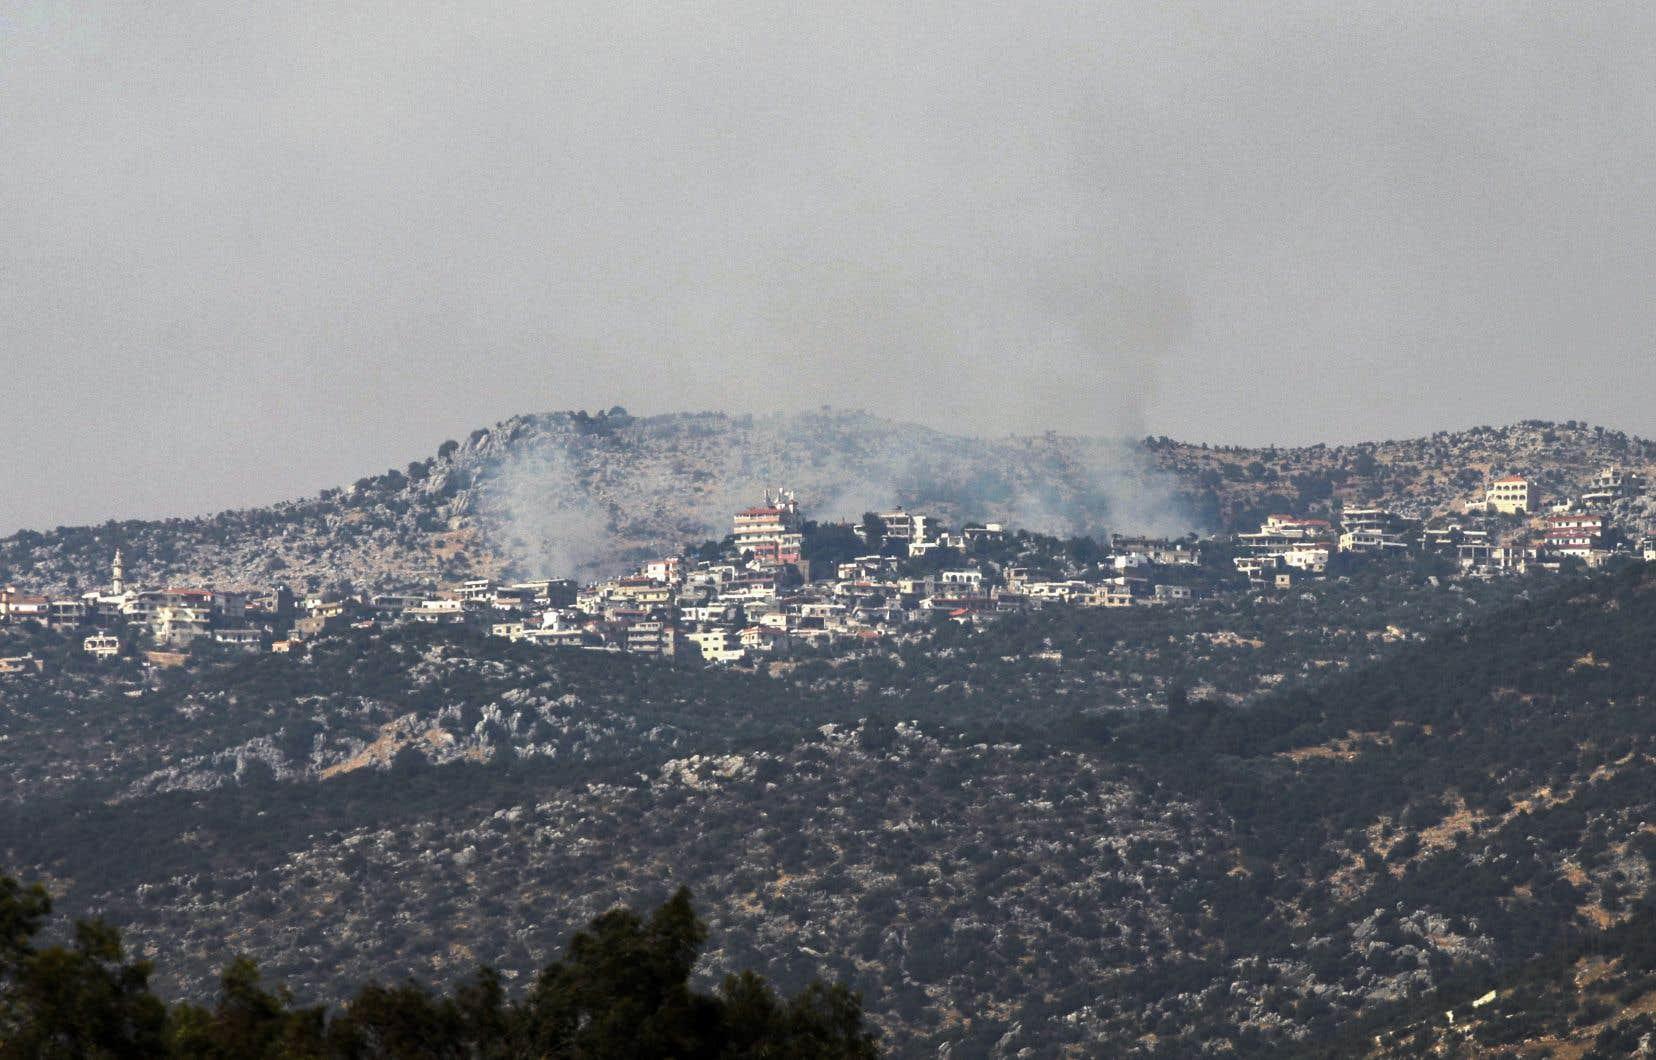 Un correspondant de l'Agence France-Presse a rapporté des dizaines de frappes d'artillerie israéliennes dans le secteur des fermes de Chebaa (versant du Mont Hermon appelé Mont Dov par l'État hébreu), près de la position militaire israélienne de Rouaissat al-Alam.